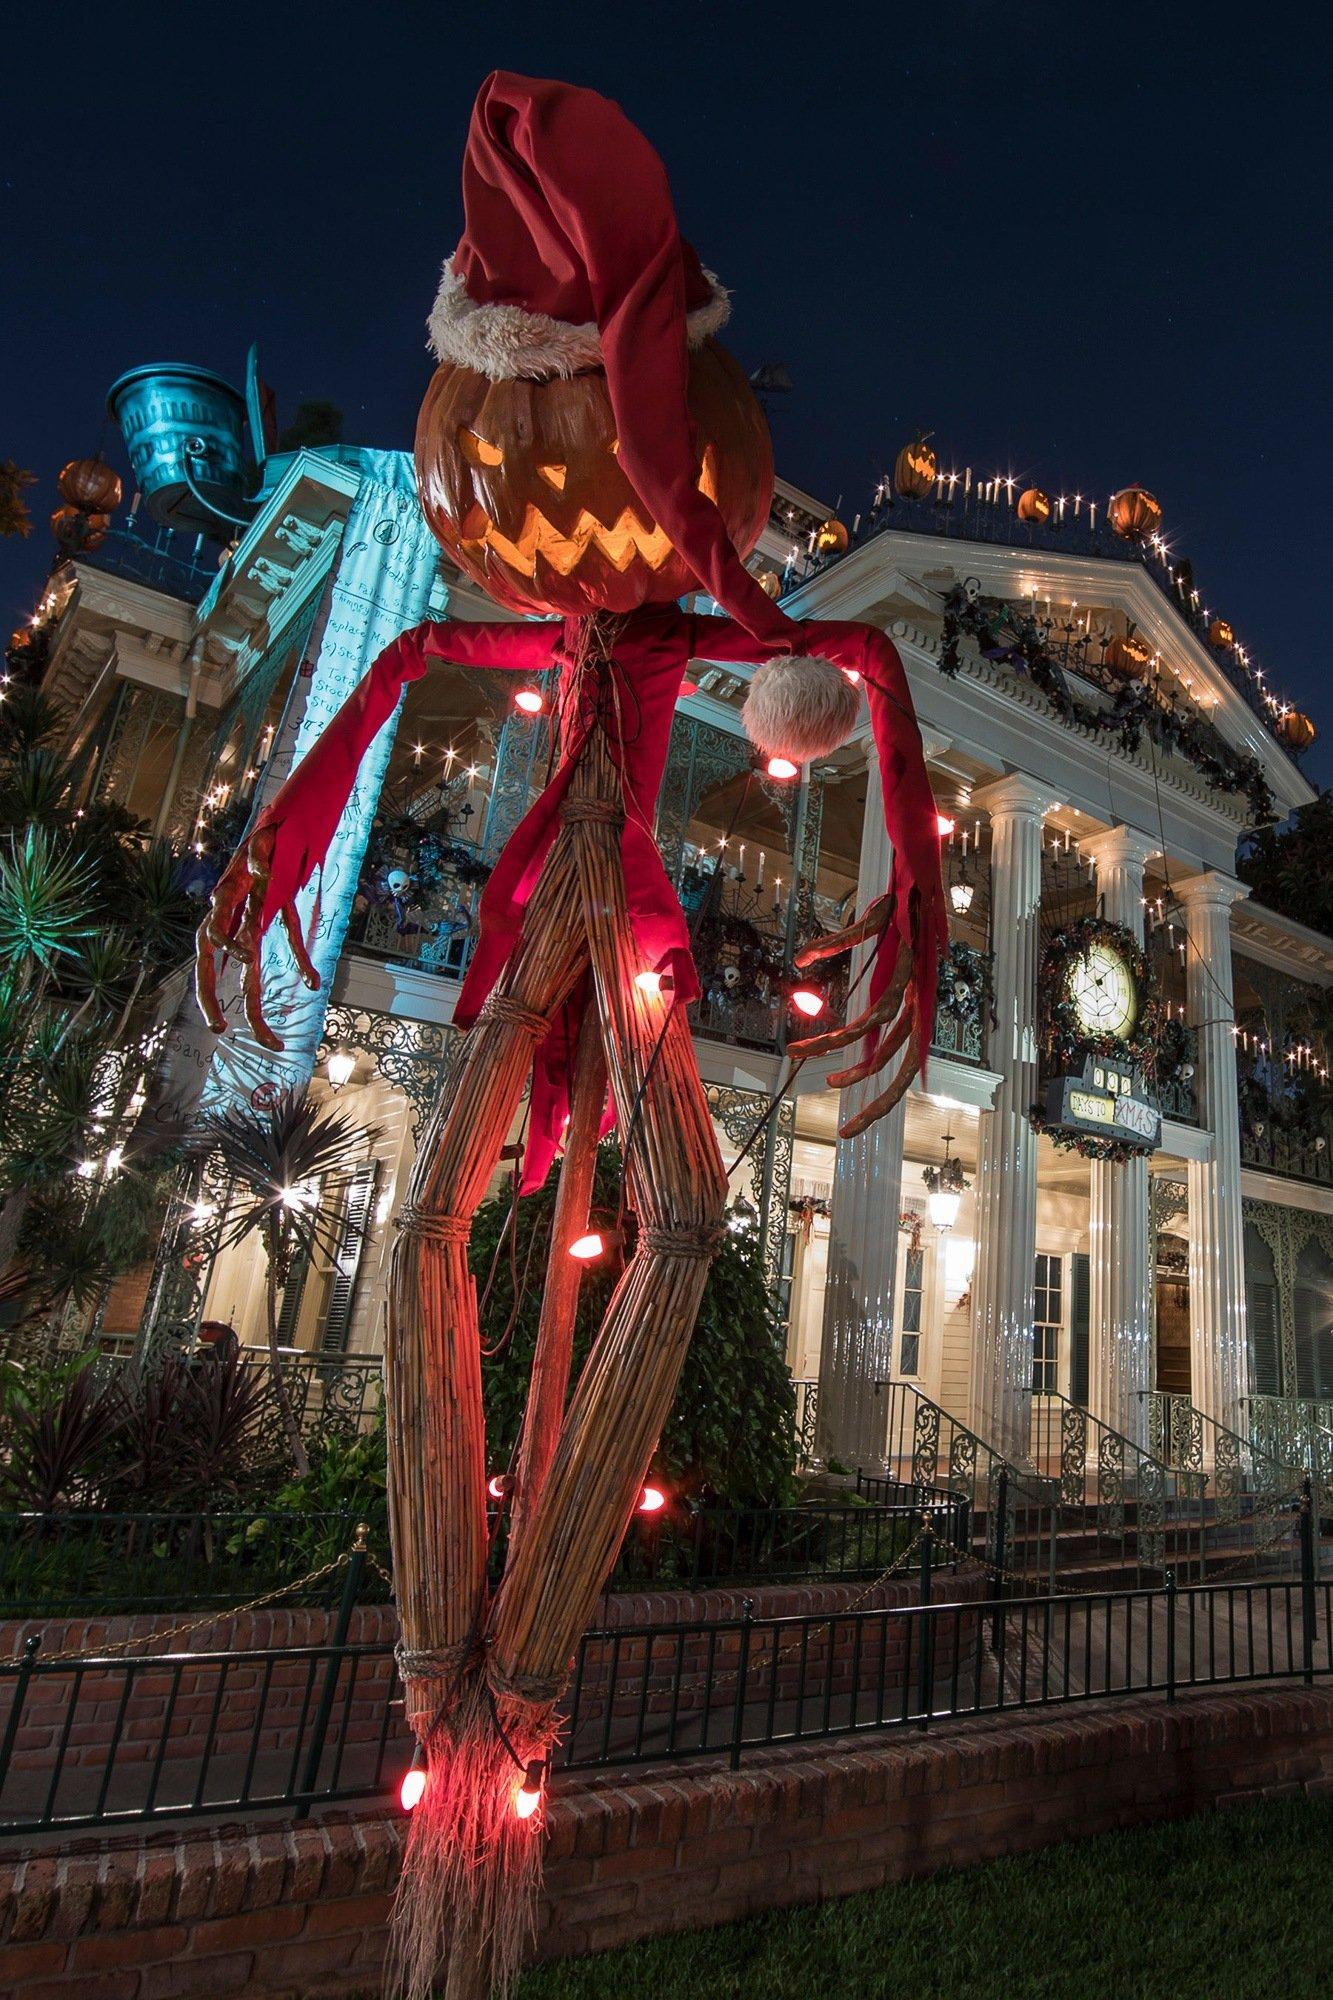 Haunted Holiday during Christmas at Disneyland